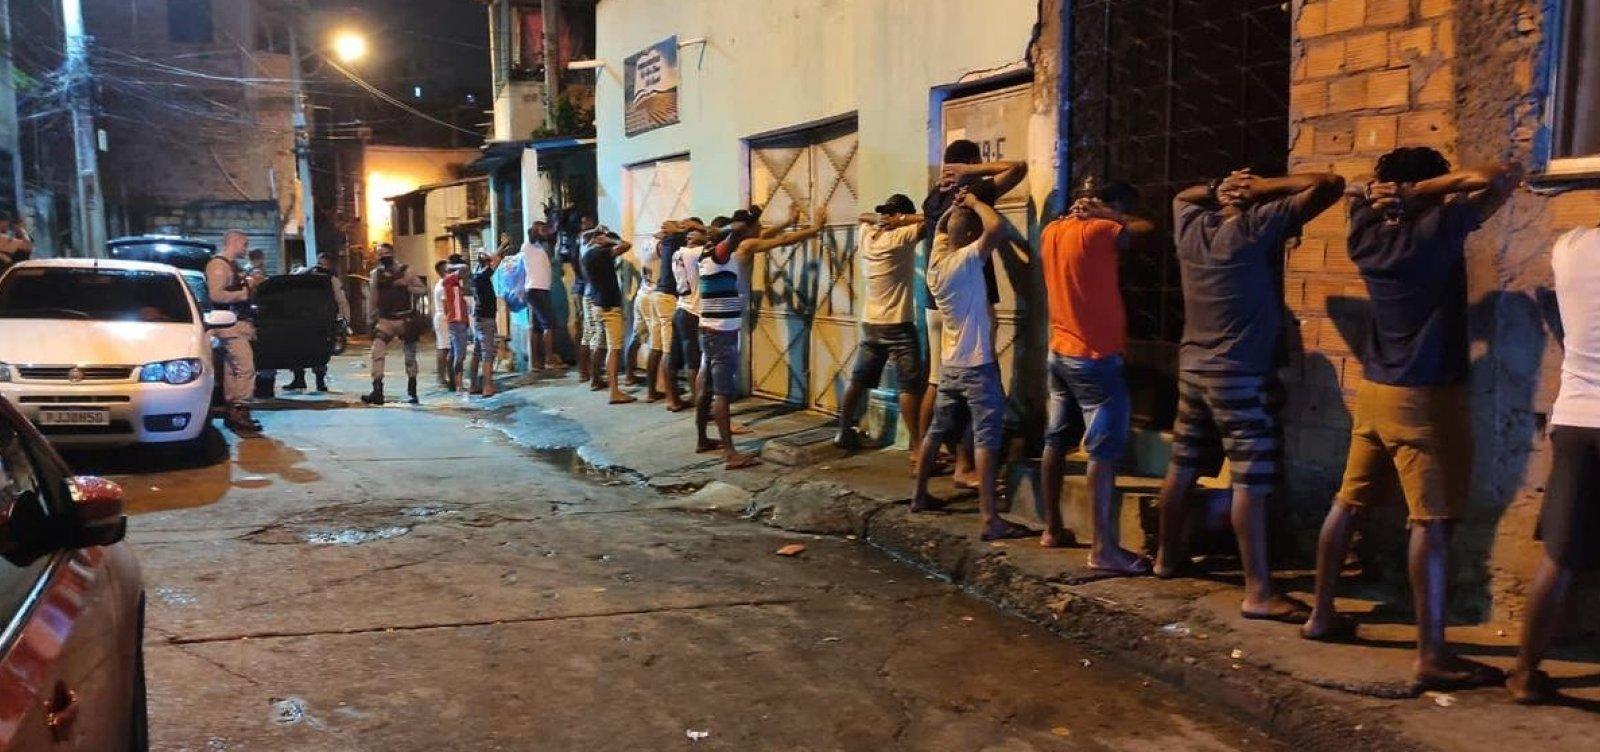 Prefeitura encerra 'paredão' com 2 mil pessoas em Arenoso